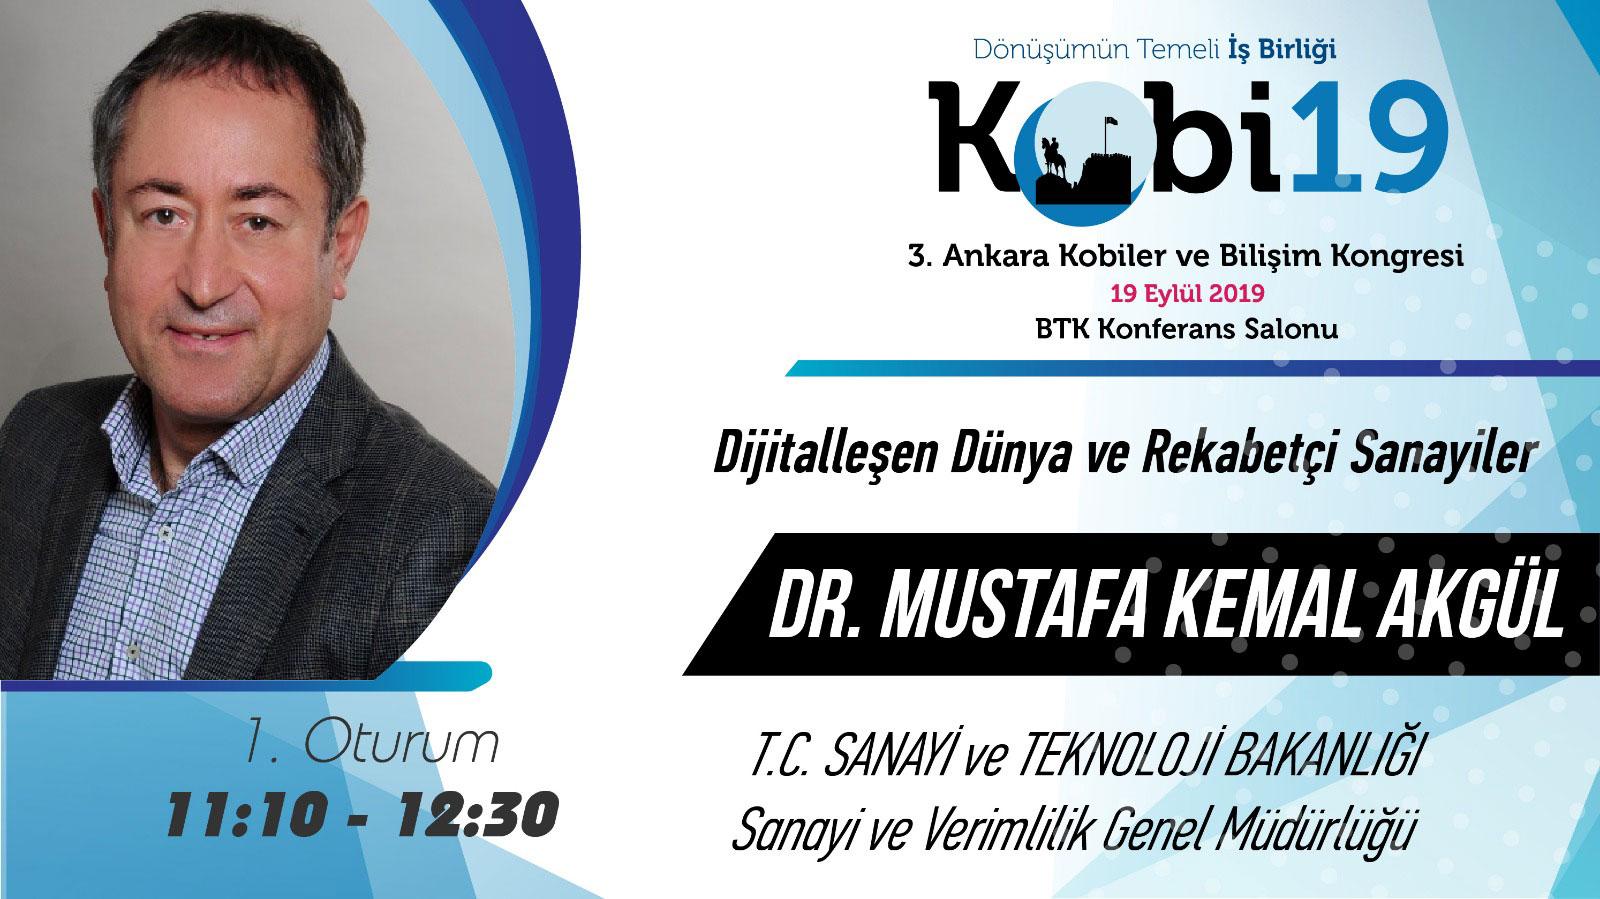 Mustafa Kemal AKGÜL - 3. Ankara Kobiler ve Bilişim Kongresi 2019